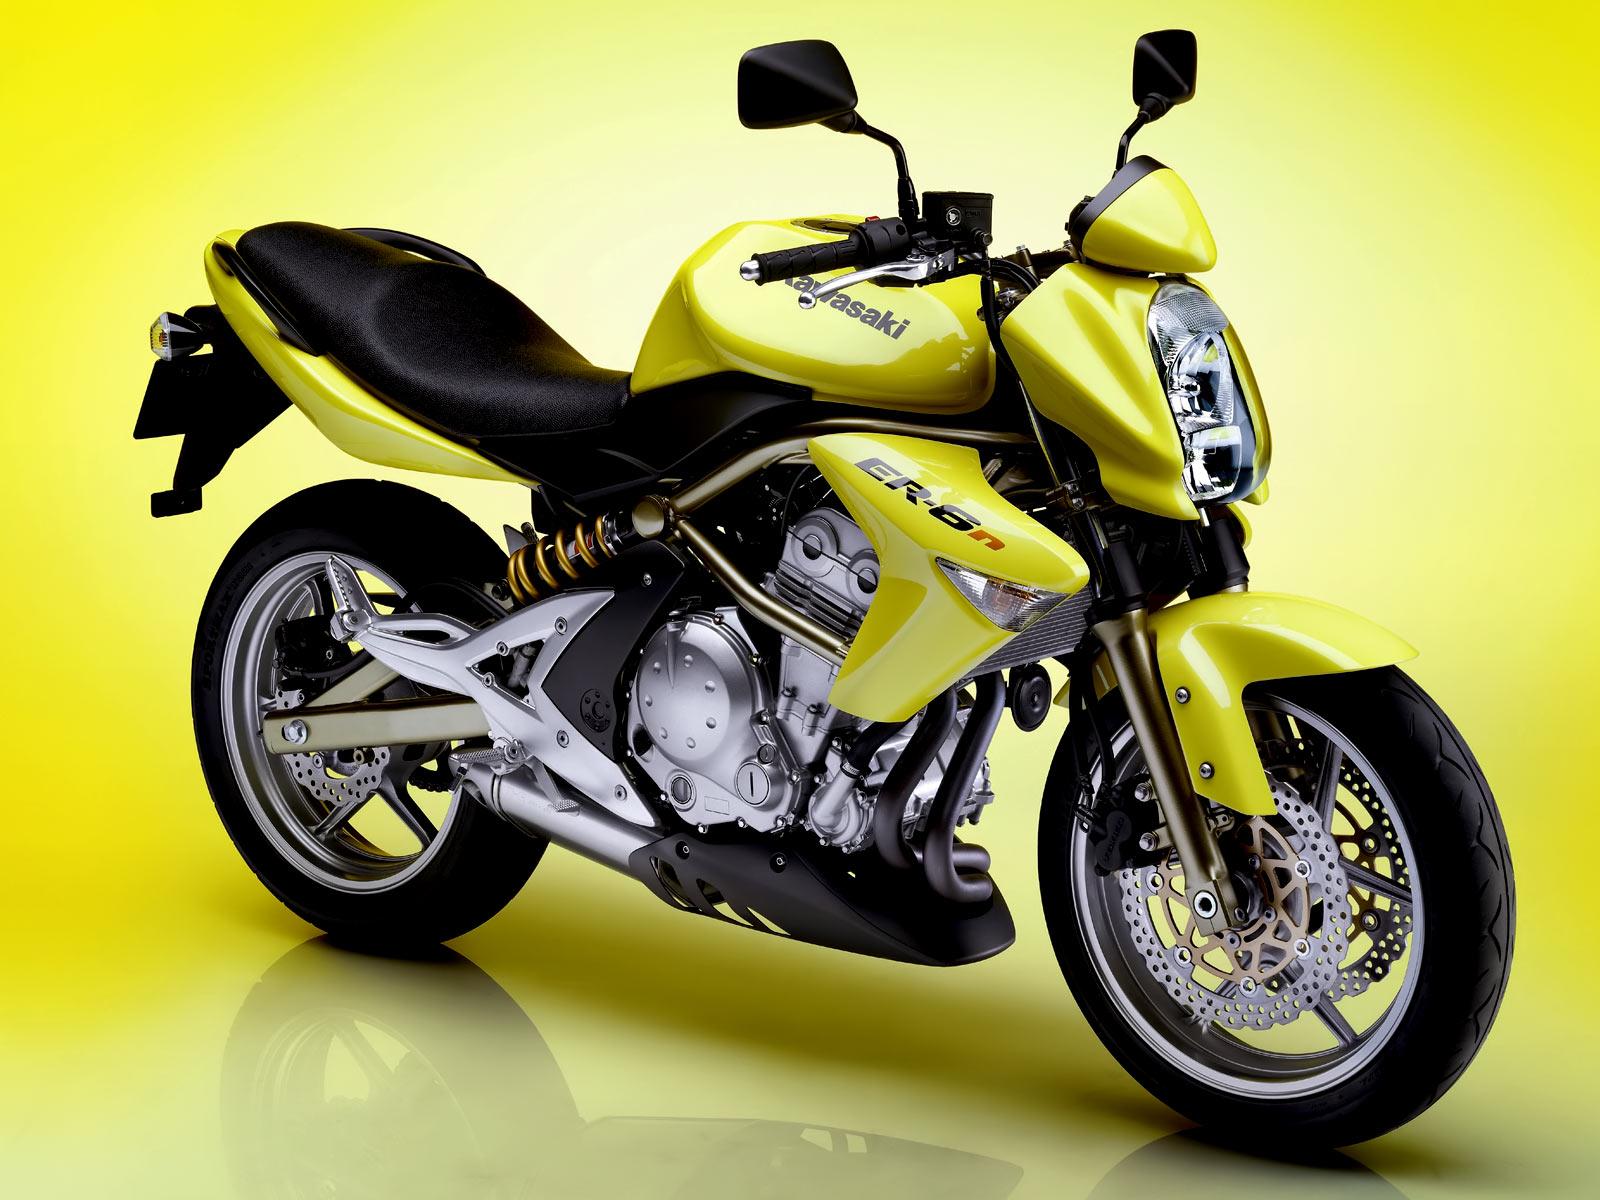 la falta de libertad del transporte colectivo, las motos ofrecen y